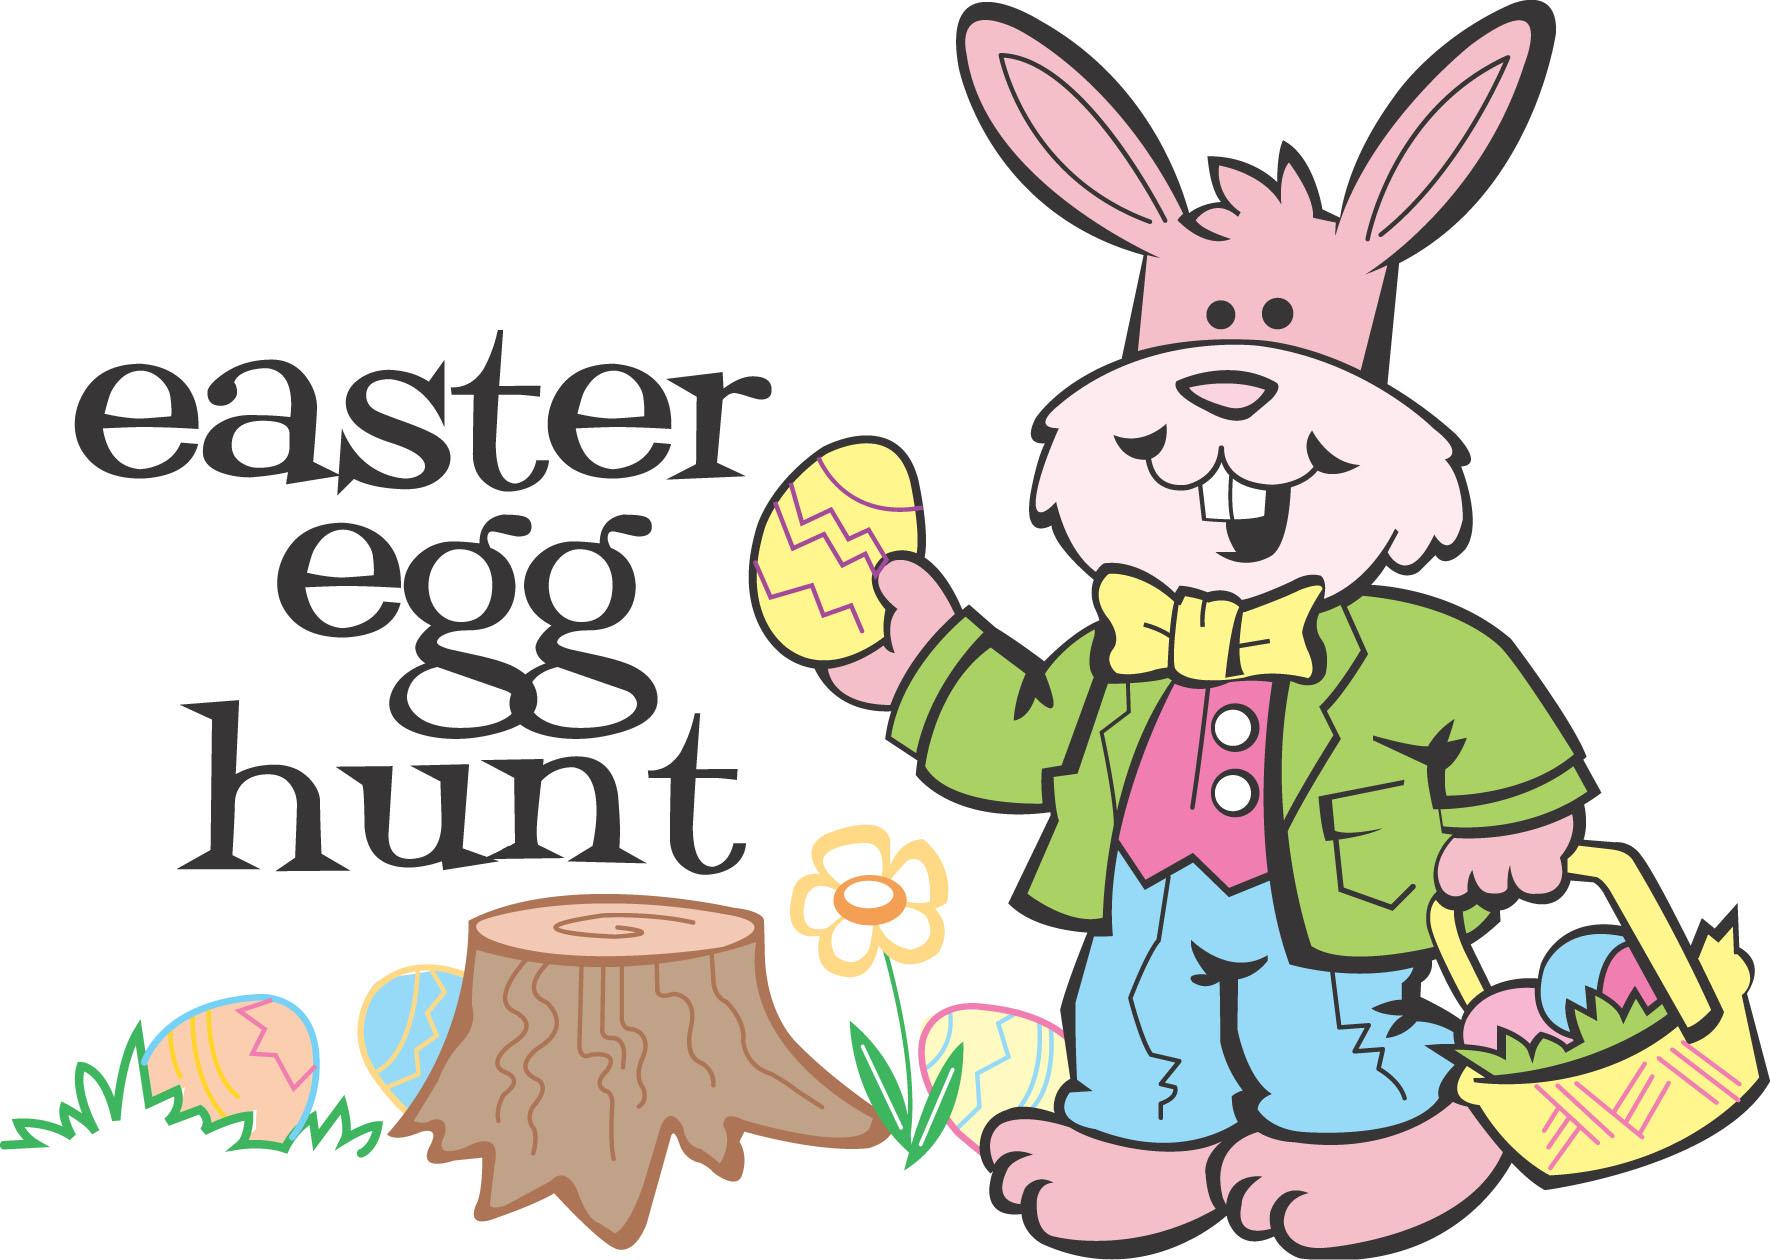 Brunch & Easter Egg Hunt